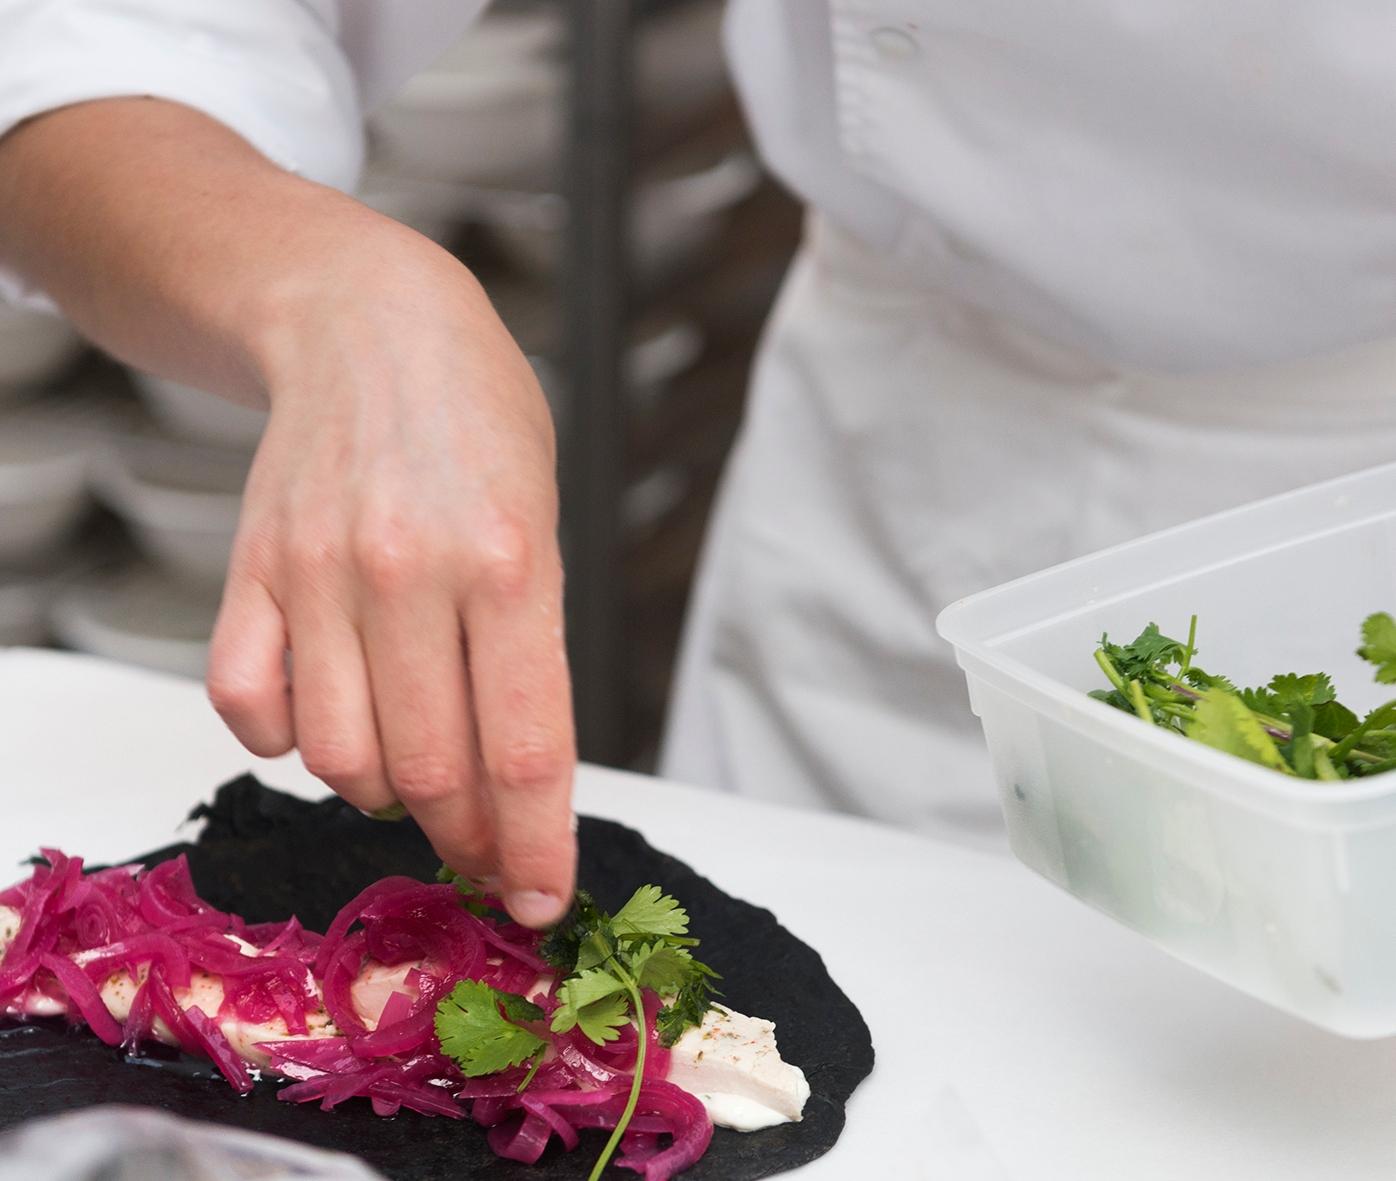 Les petites mains qui réalisent vos plats à Taste of Paris. Ici, un des plats au menu de Juan Erbalaez.